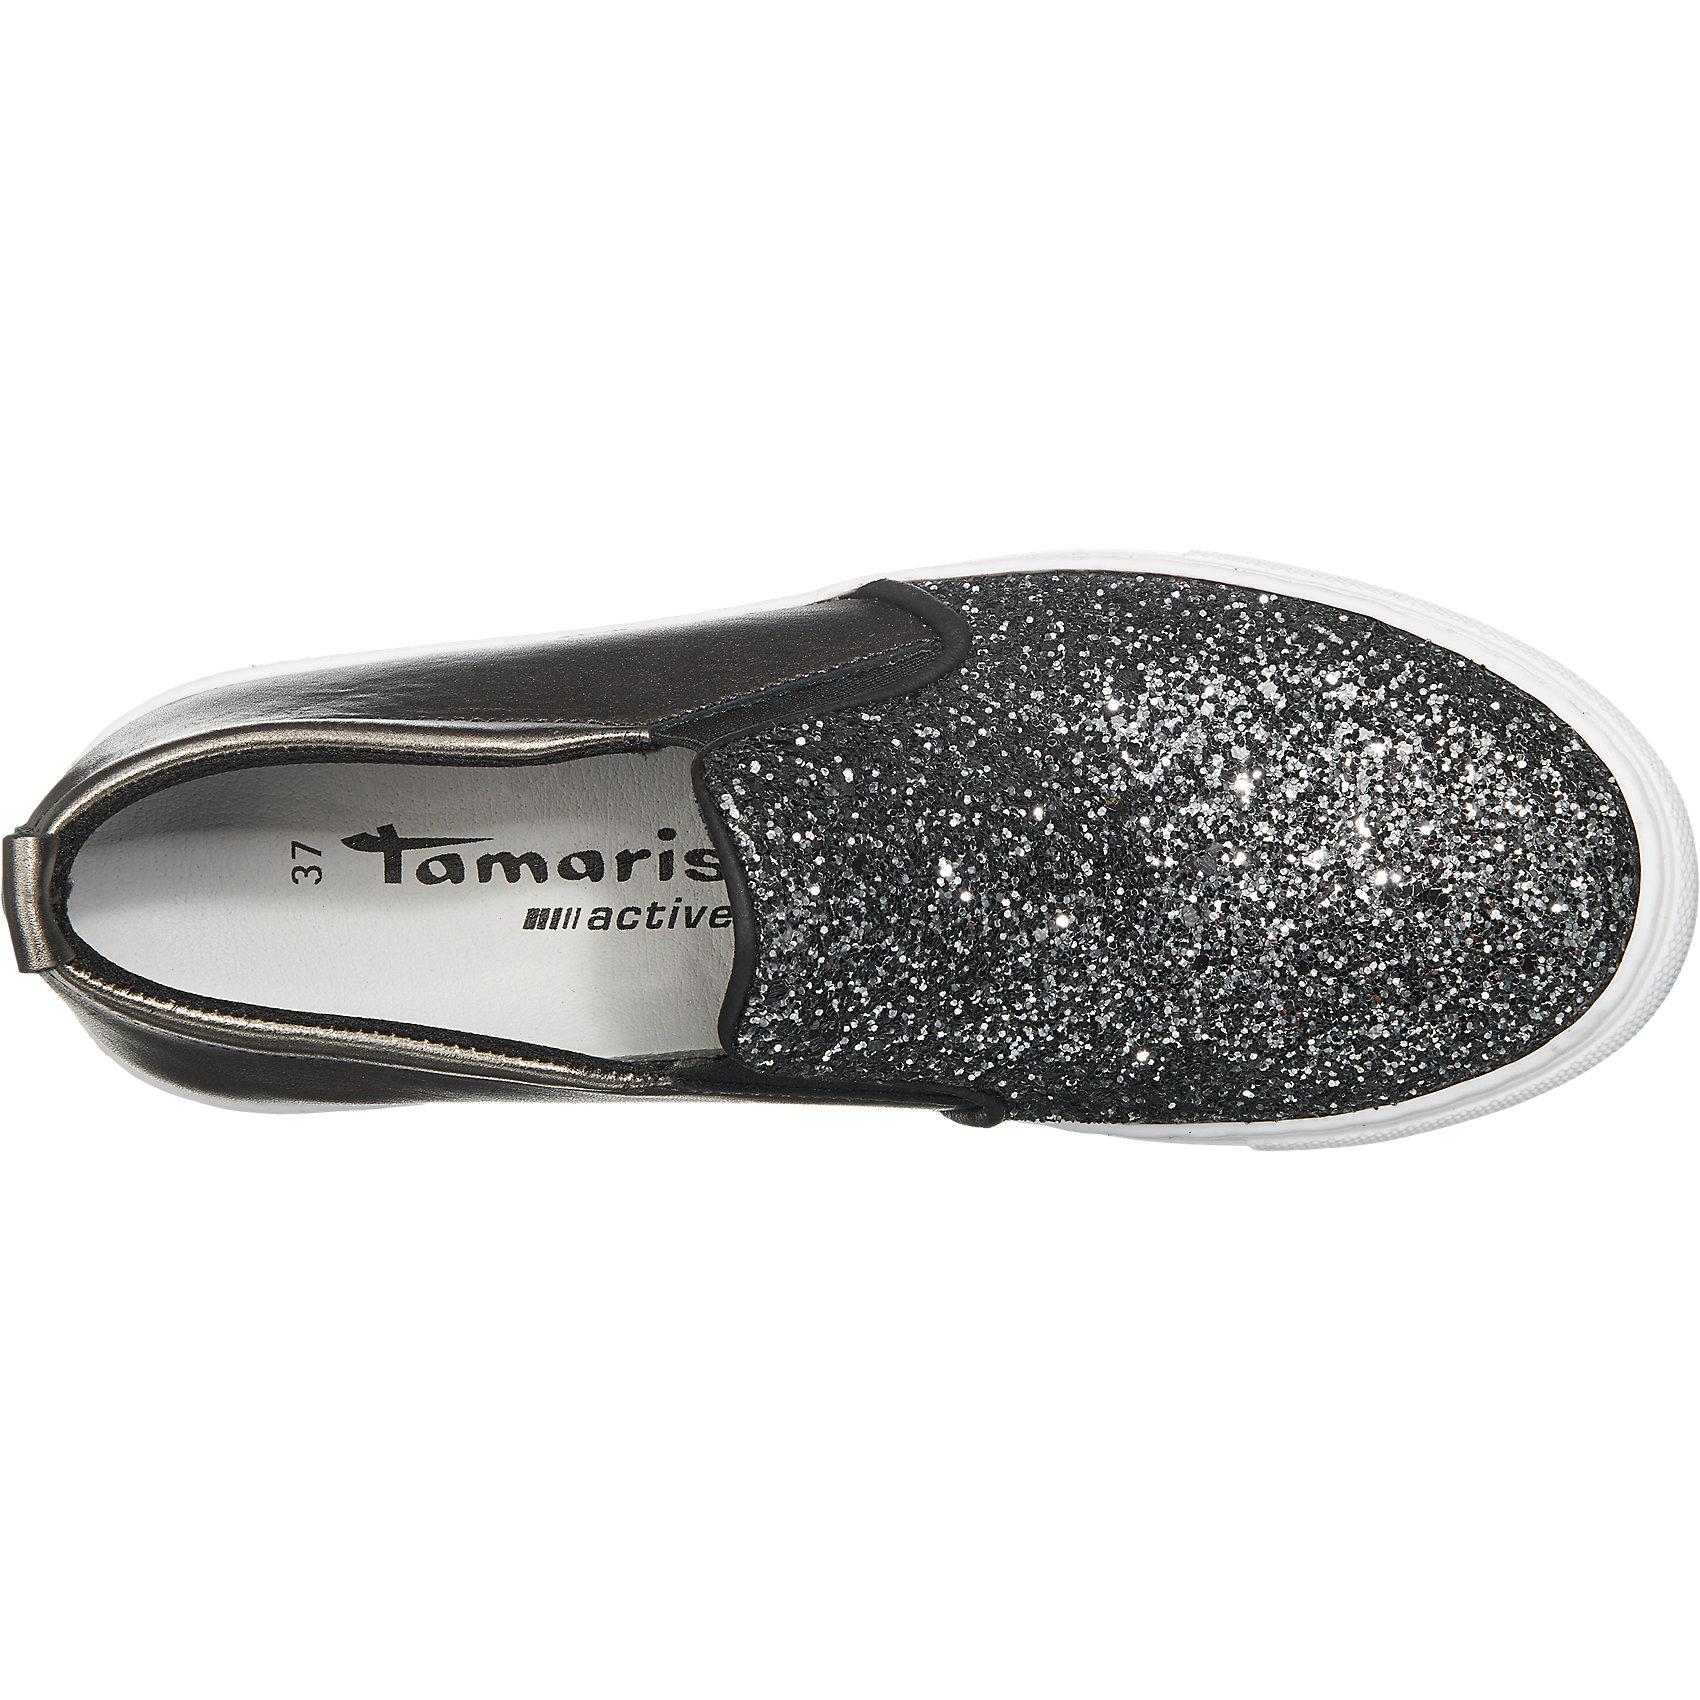 Details zu Neu Tamaris Esbelta Slipper 5748257 für Damen schwarz kombi silber